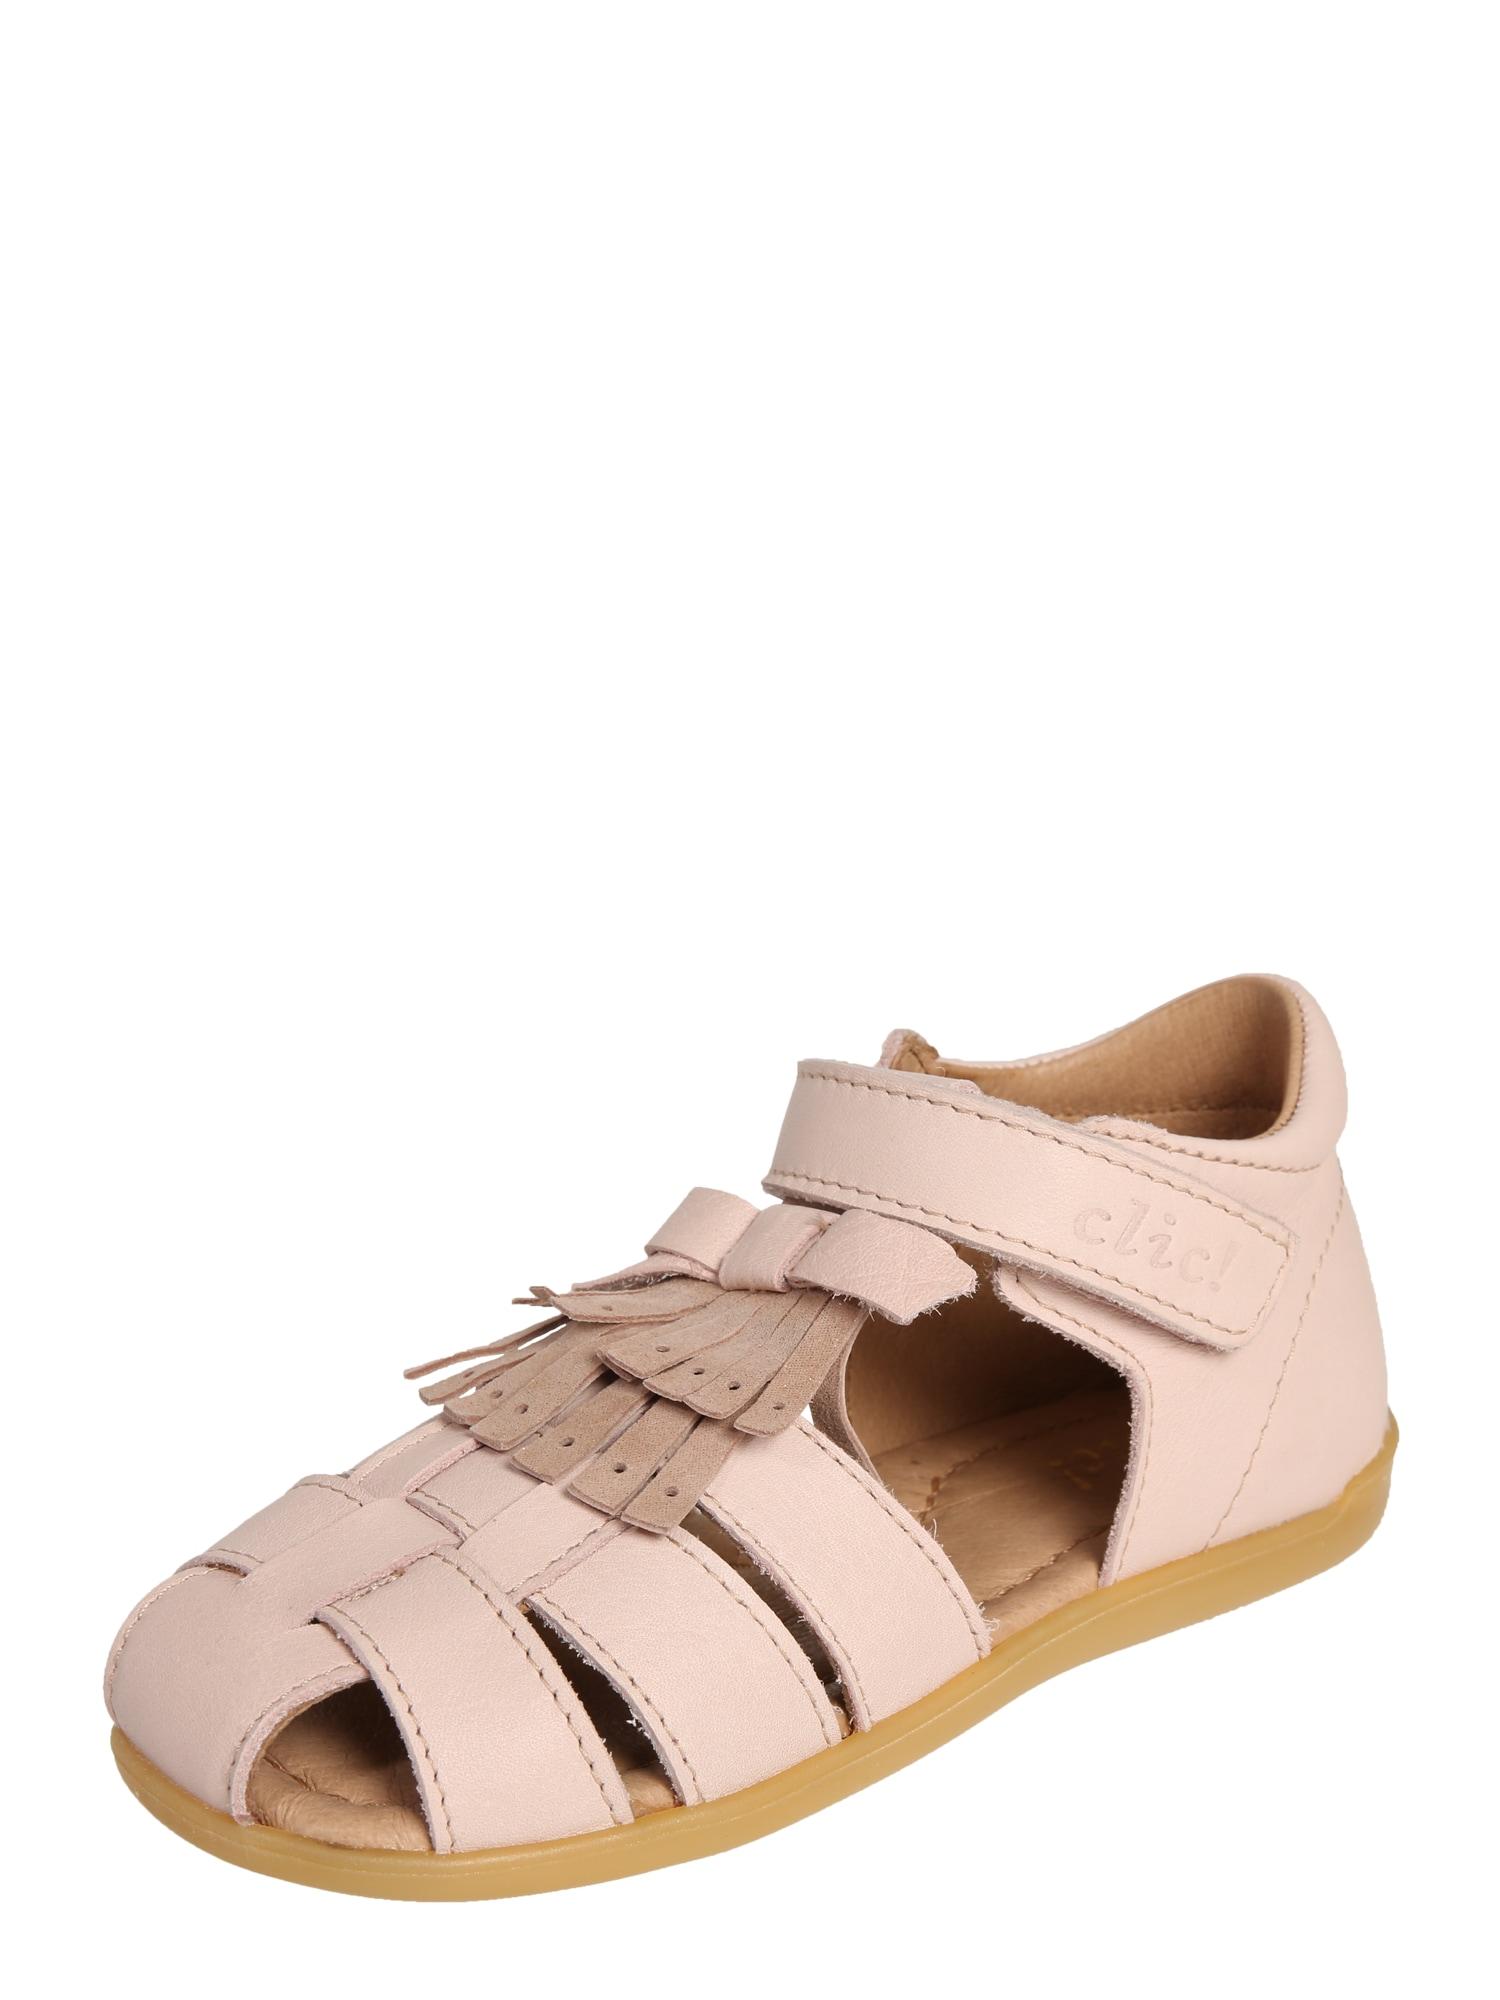 Sandály CL-9763 růžová Clic